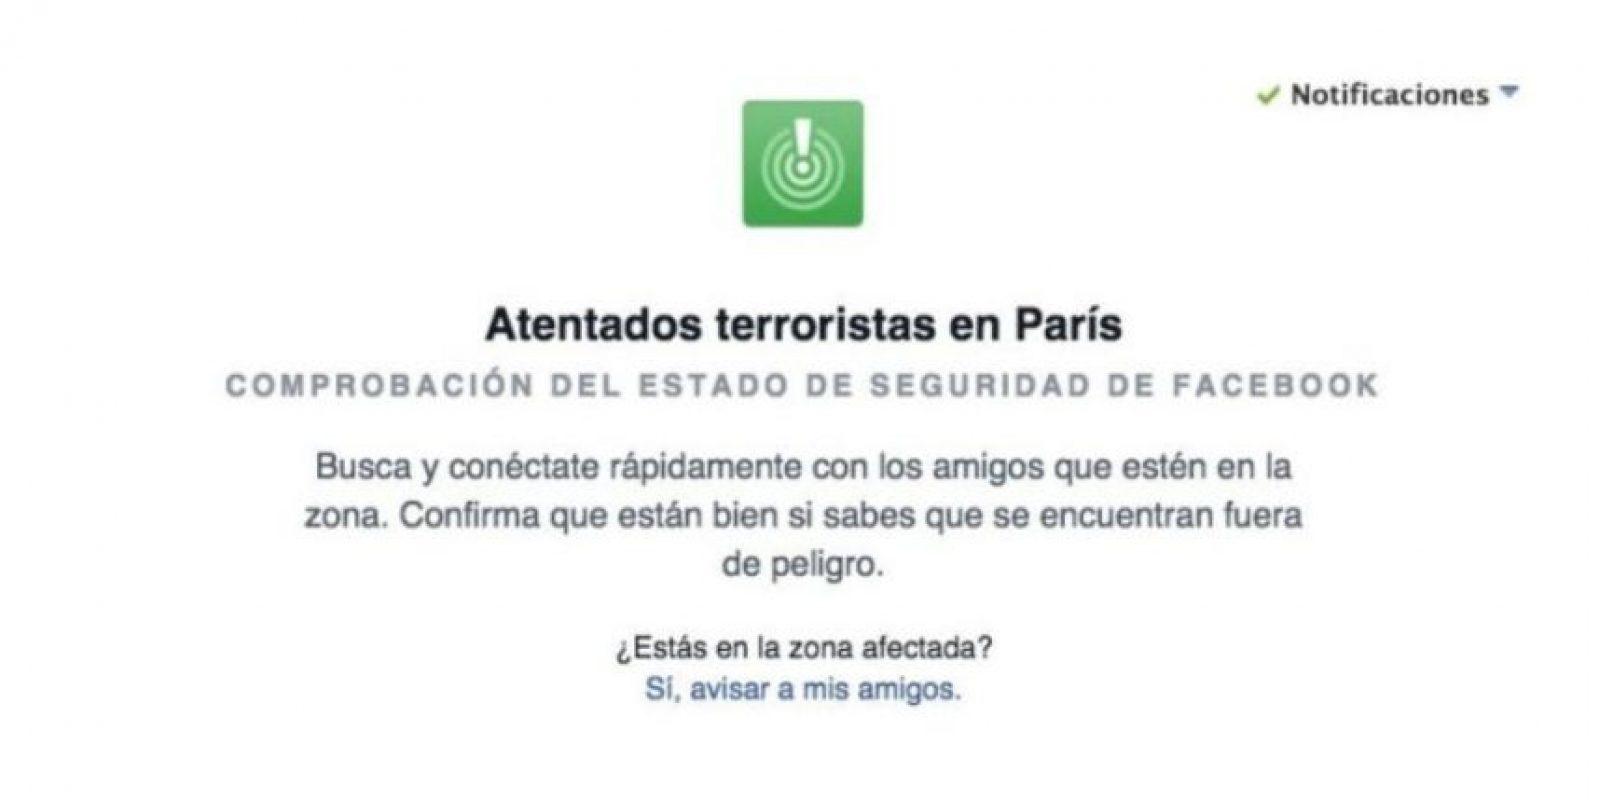 Las comprobaciones de seguridad después de los atentados en Francia el viernes. Foto:Facebook